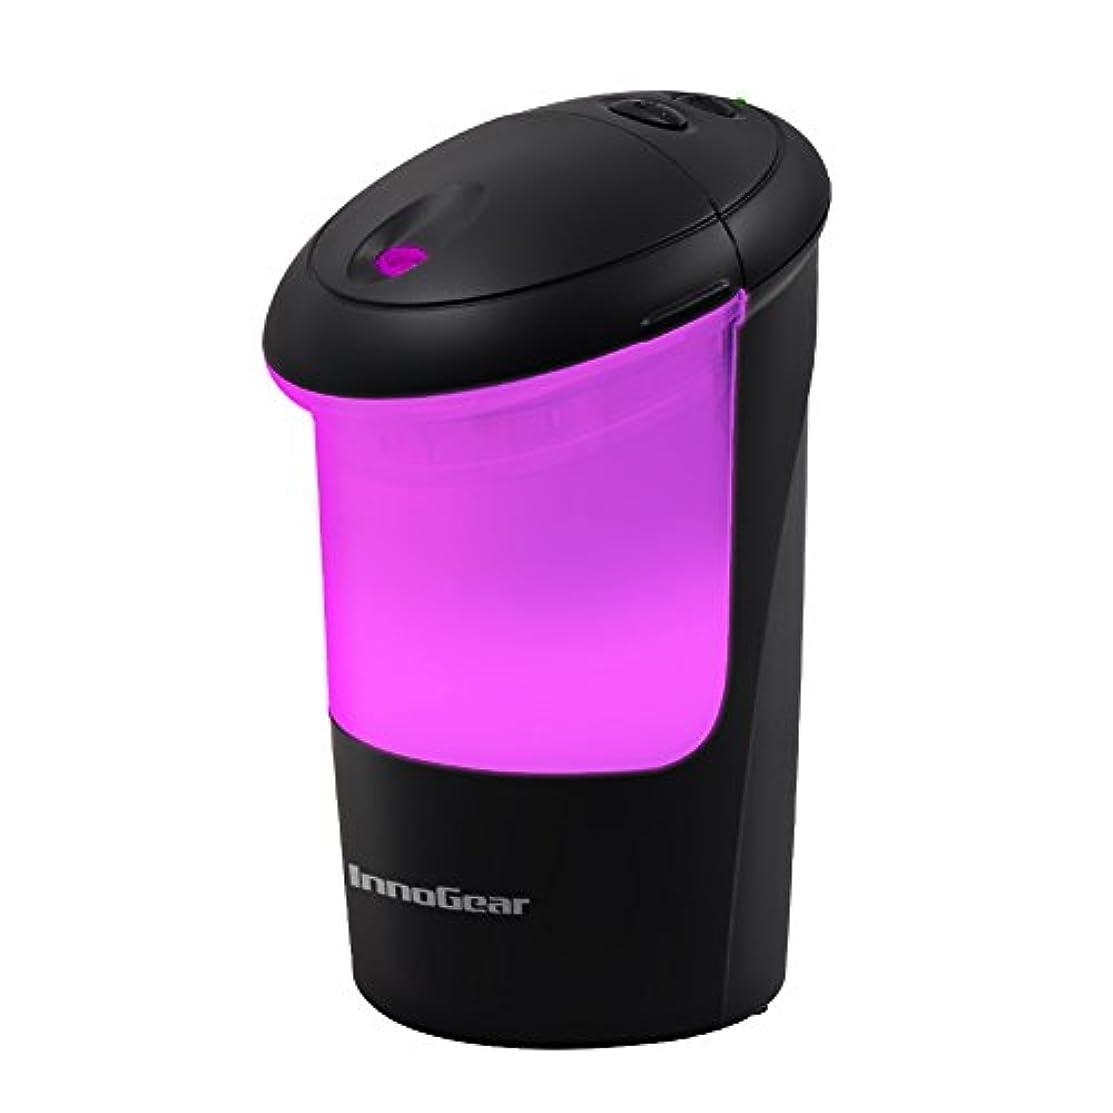 ダム避ける楽しいInnoGear USB車Essential Oil Diffuser Air Refresher超音波アロマテラピーDiffusers with 7カラフルなLEDライトオフィス旅行ホーム車の ブラック UD50